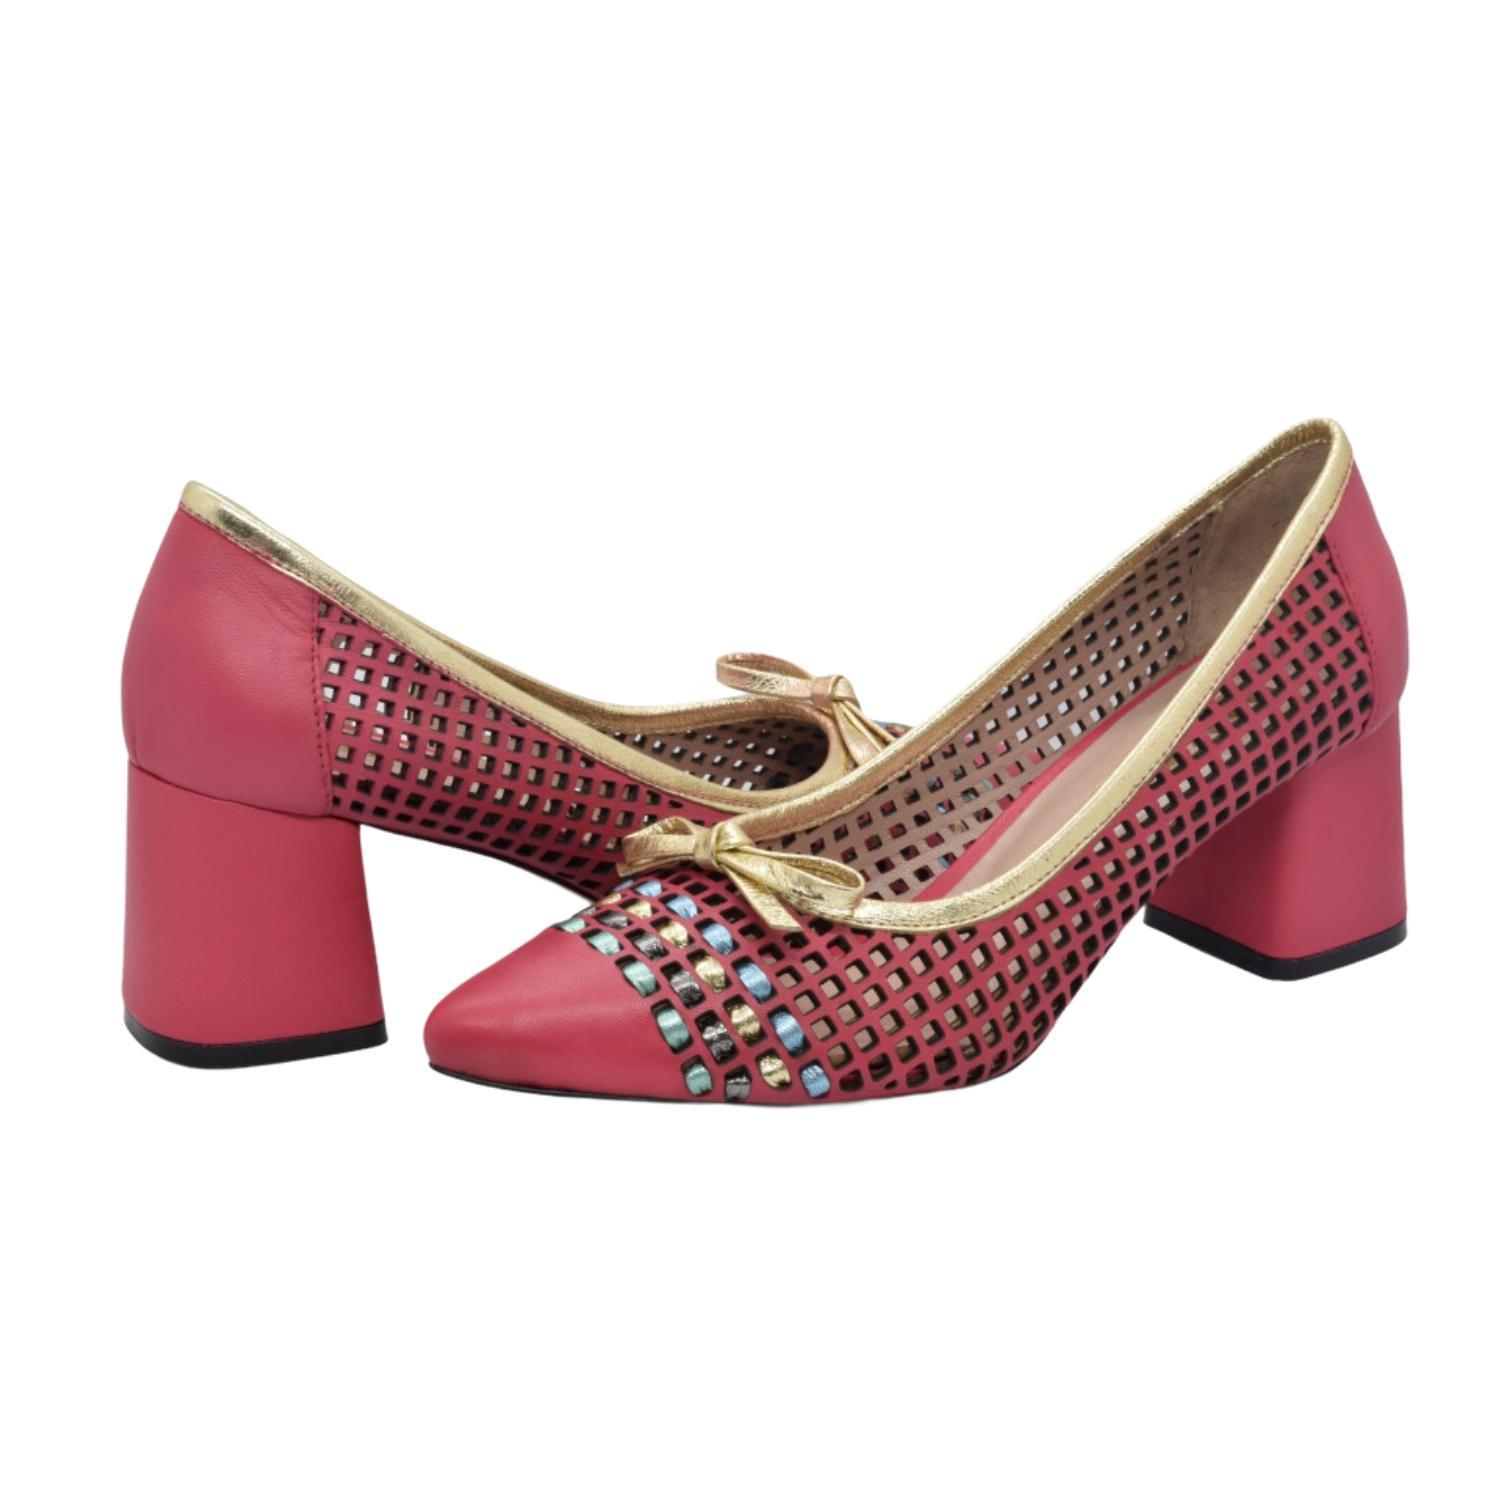 Pantofi fuxia cu fundita si detaliu colorat